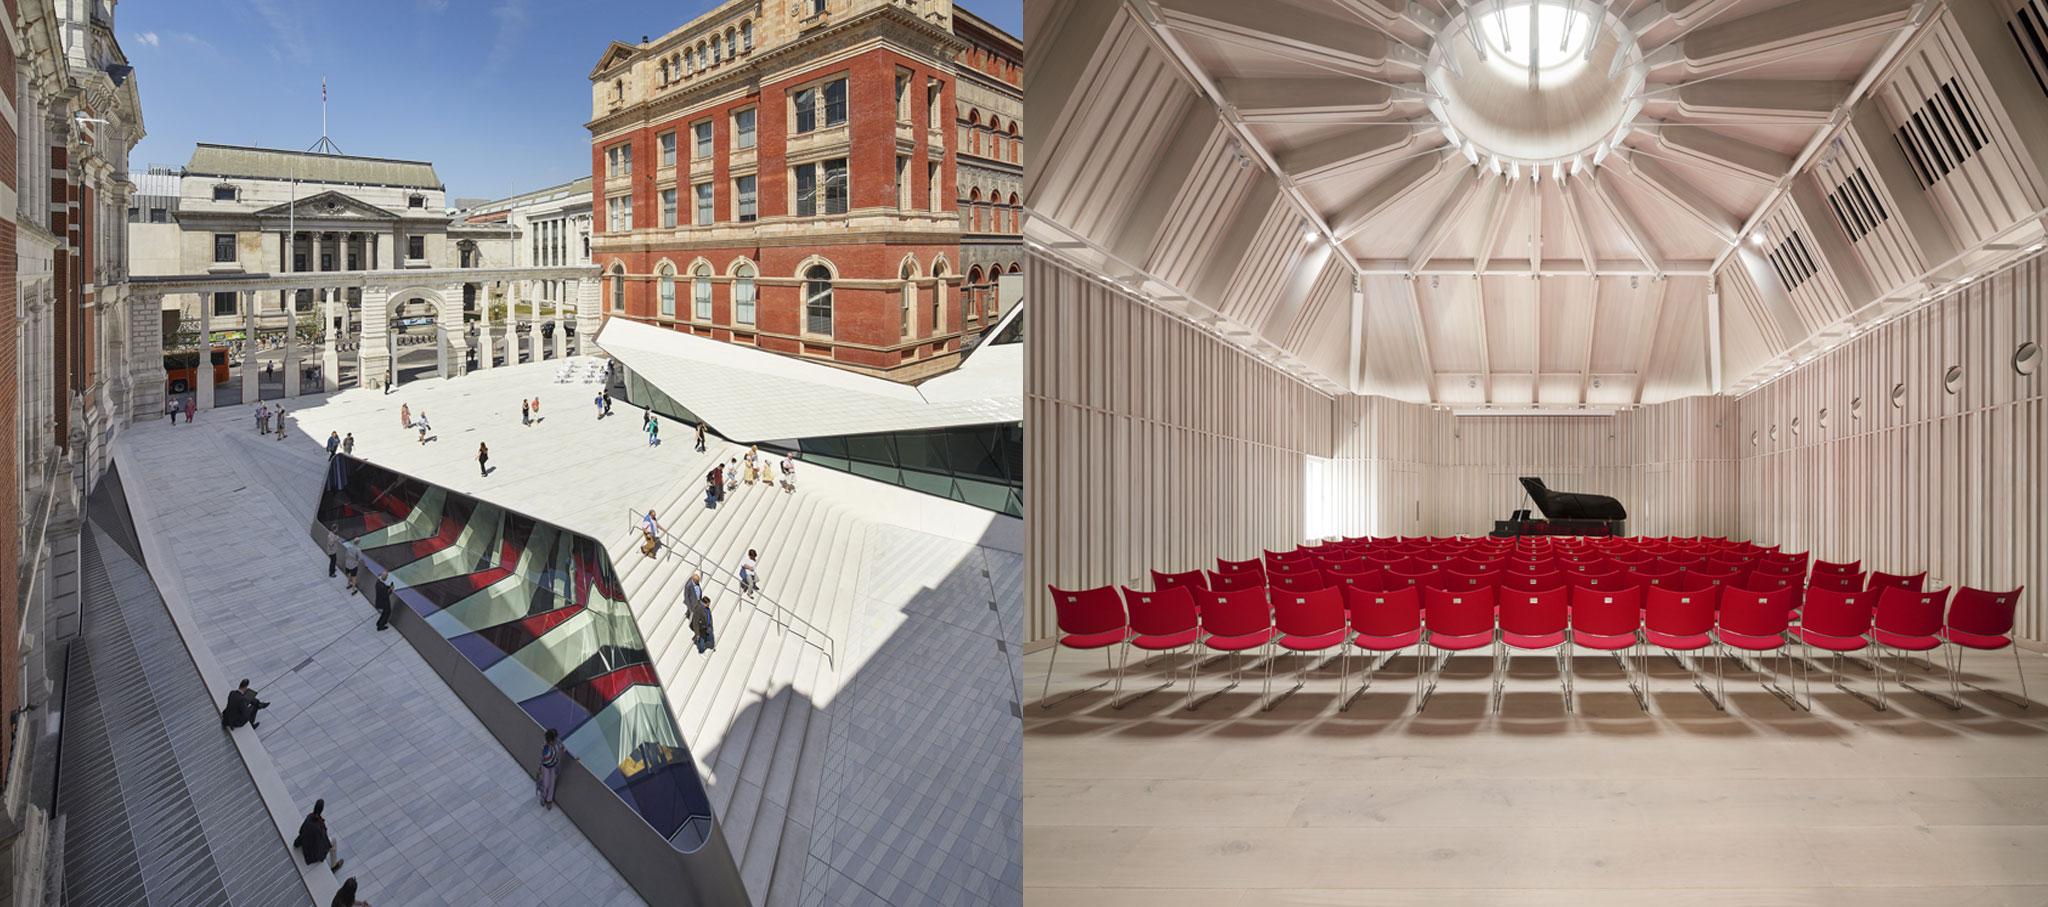 Máximos honores, el premio RIBA London Building of the Year. Victoria & Albert Museum Exhibition Road Quarter de AL_A y Royal Academy of Music de Ian Ritchie Architects